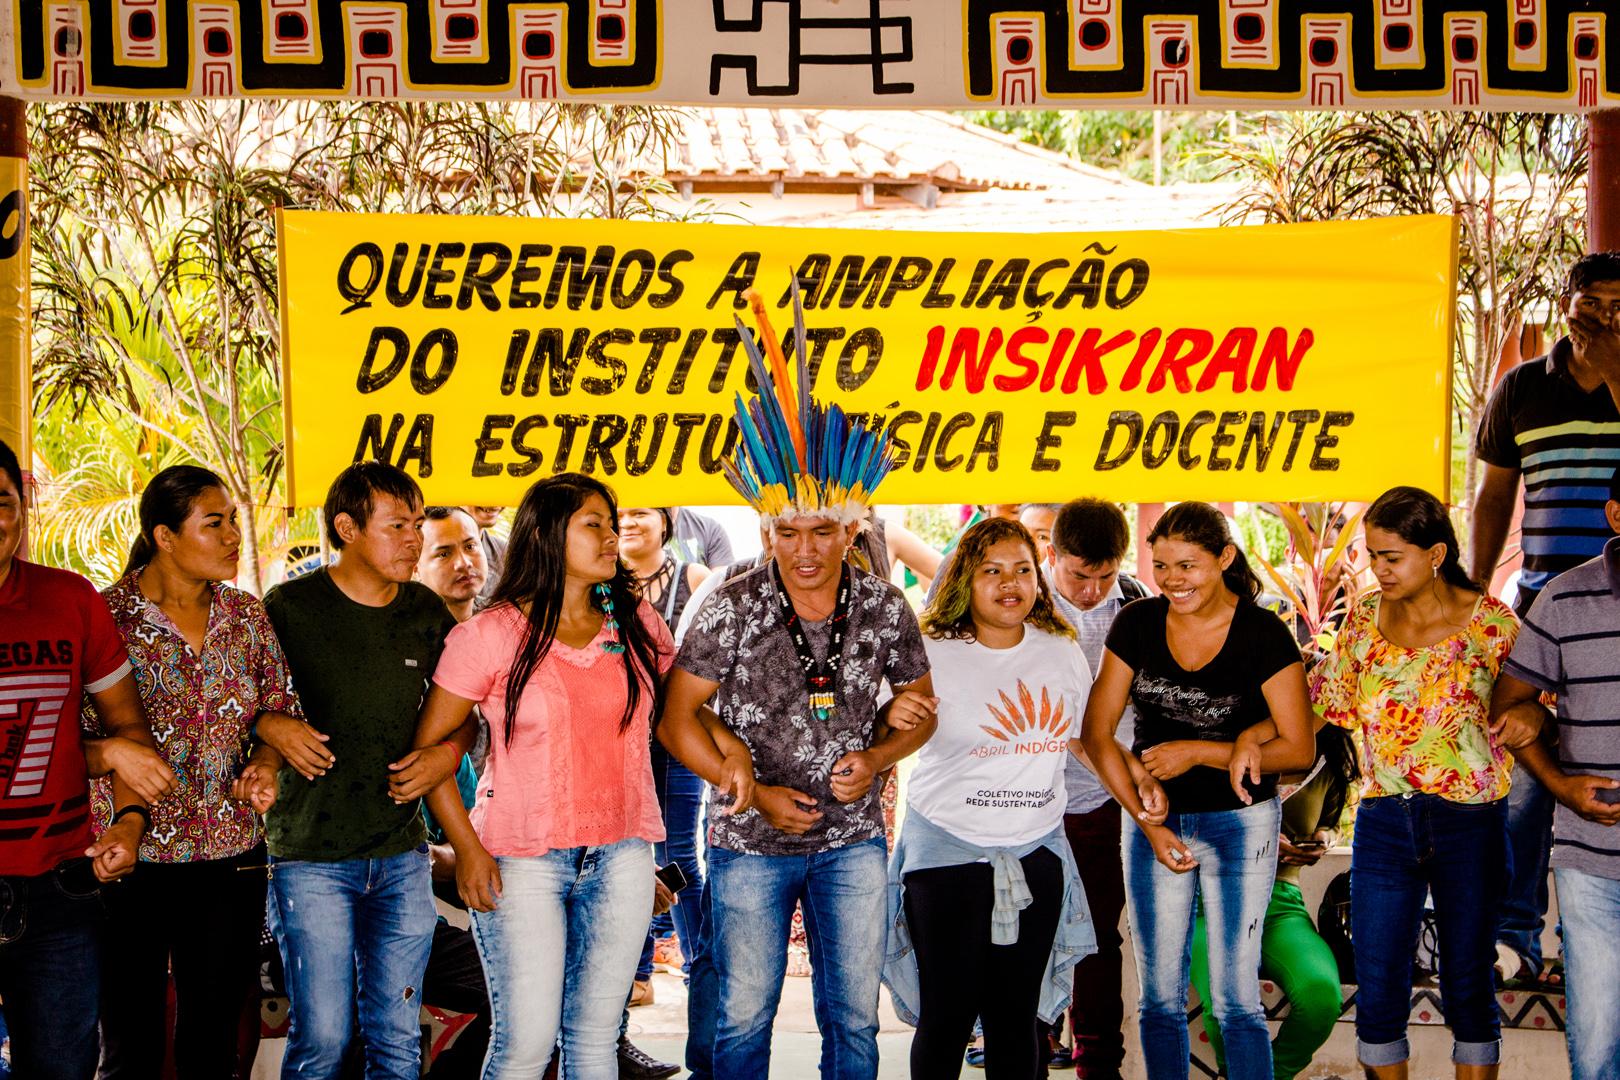 Tuxauas roraimenses querem terras produtivas e igualdade de tratamento